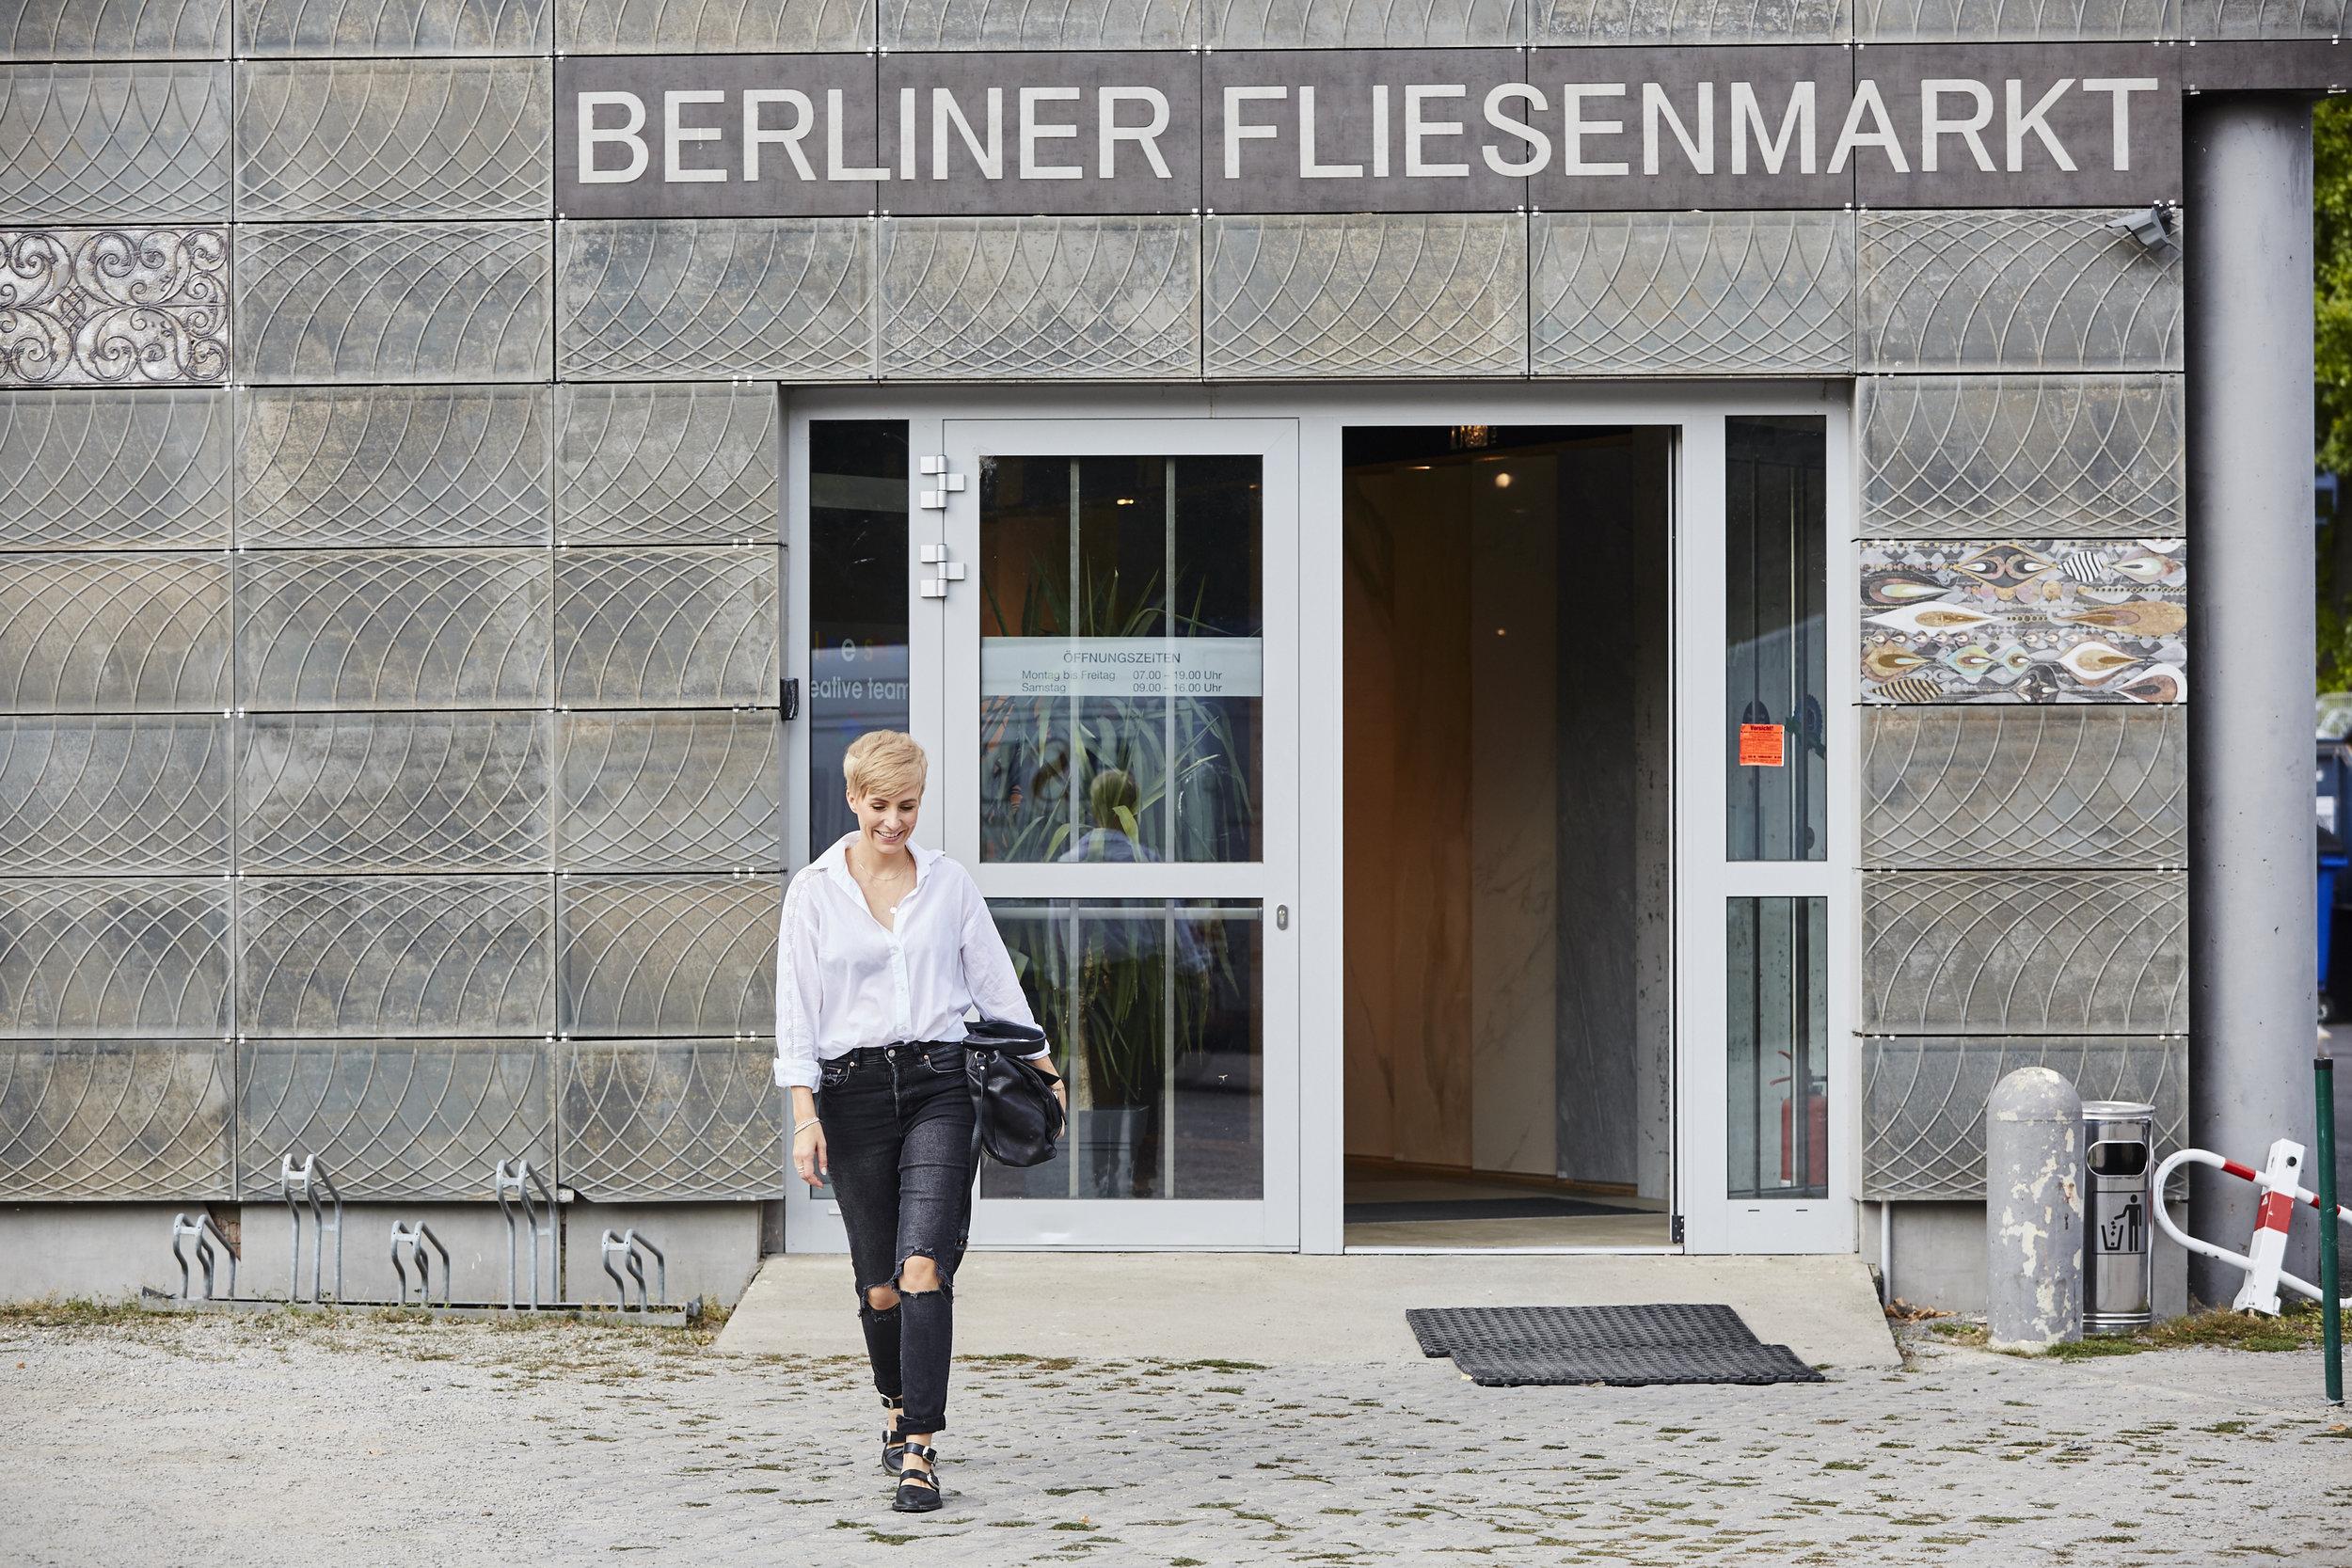 Berliner_Fliesenmarkt